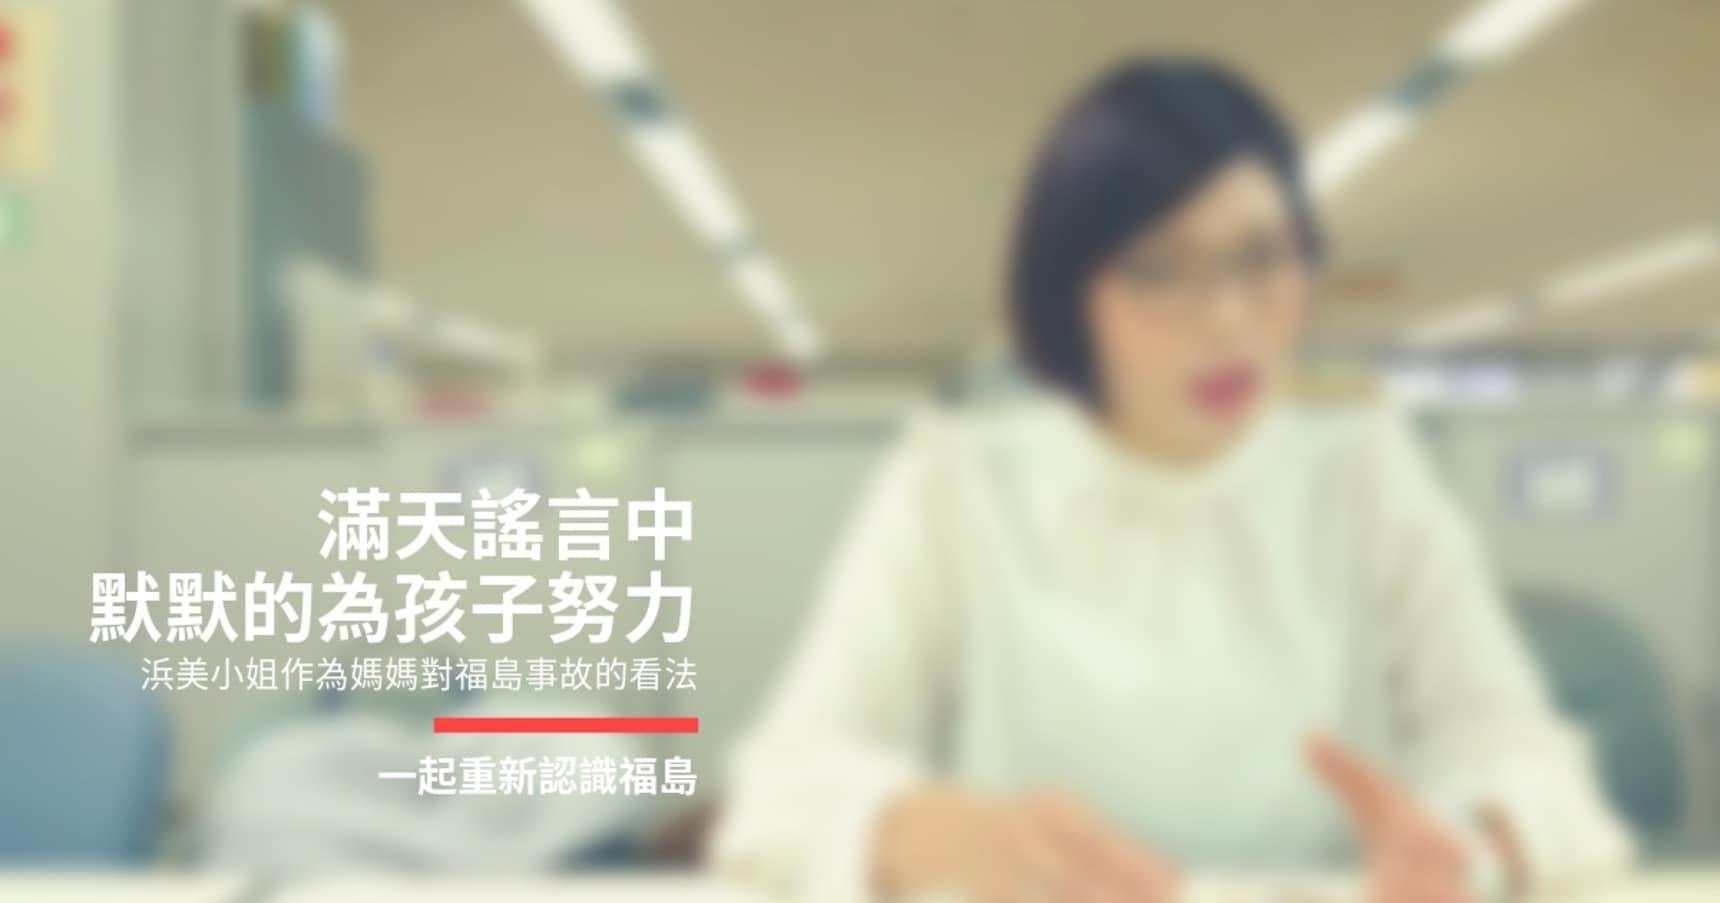 【一起重新認識福島】在滿天謠言中 默默地為孩子努力,為福島農業付諸全力的年輕媽媽